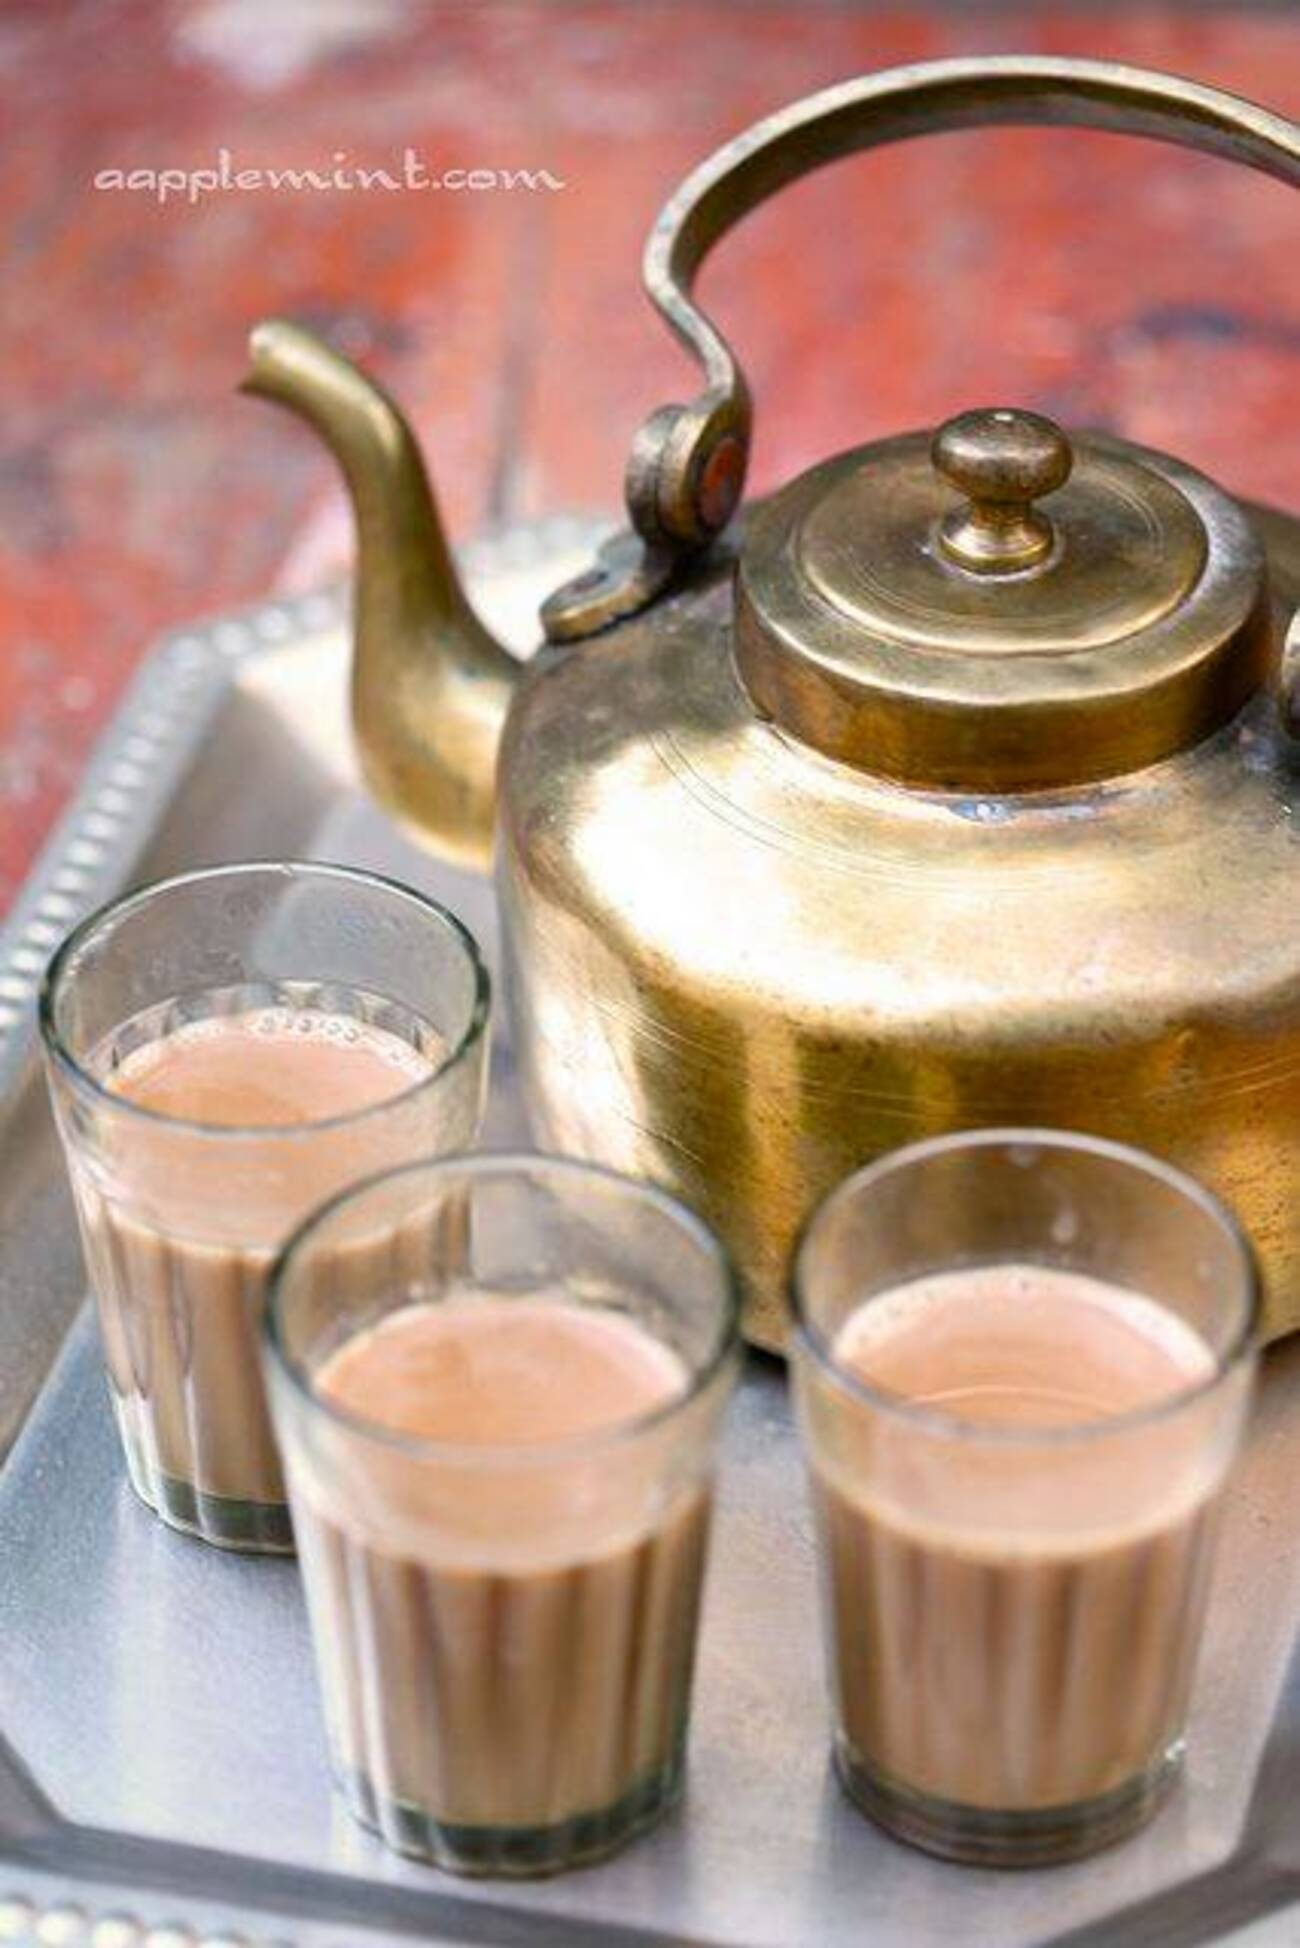 How Should You Drink Darjeeling Tea